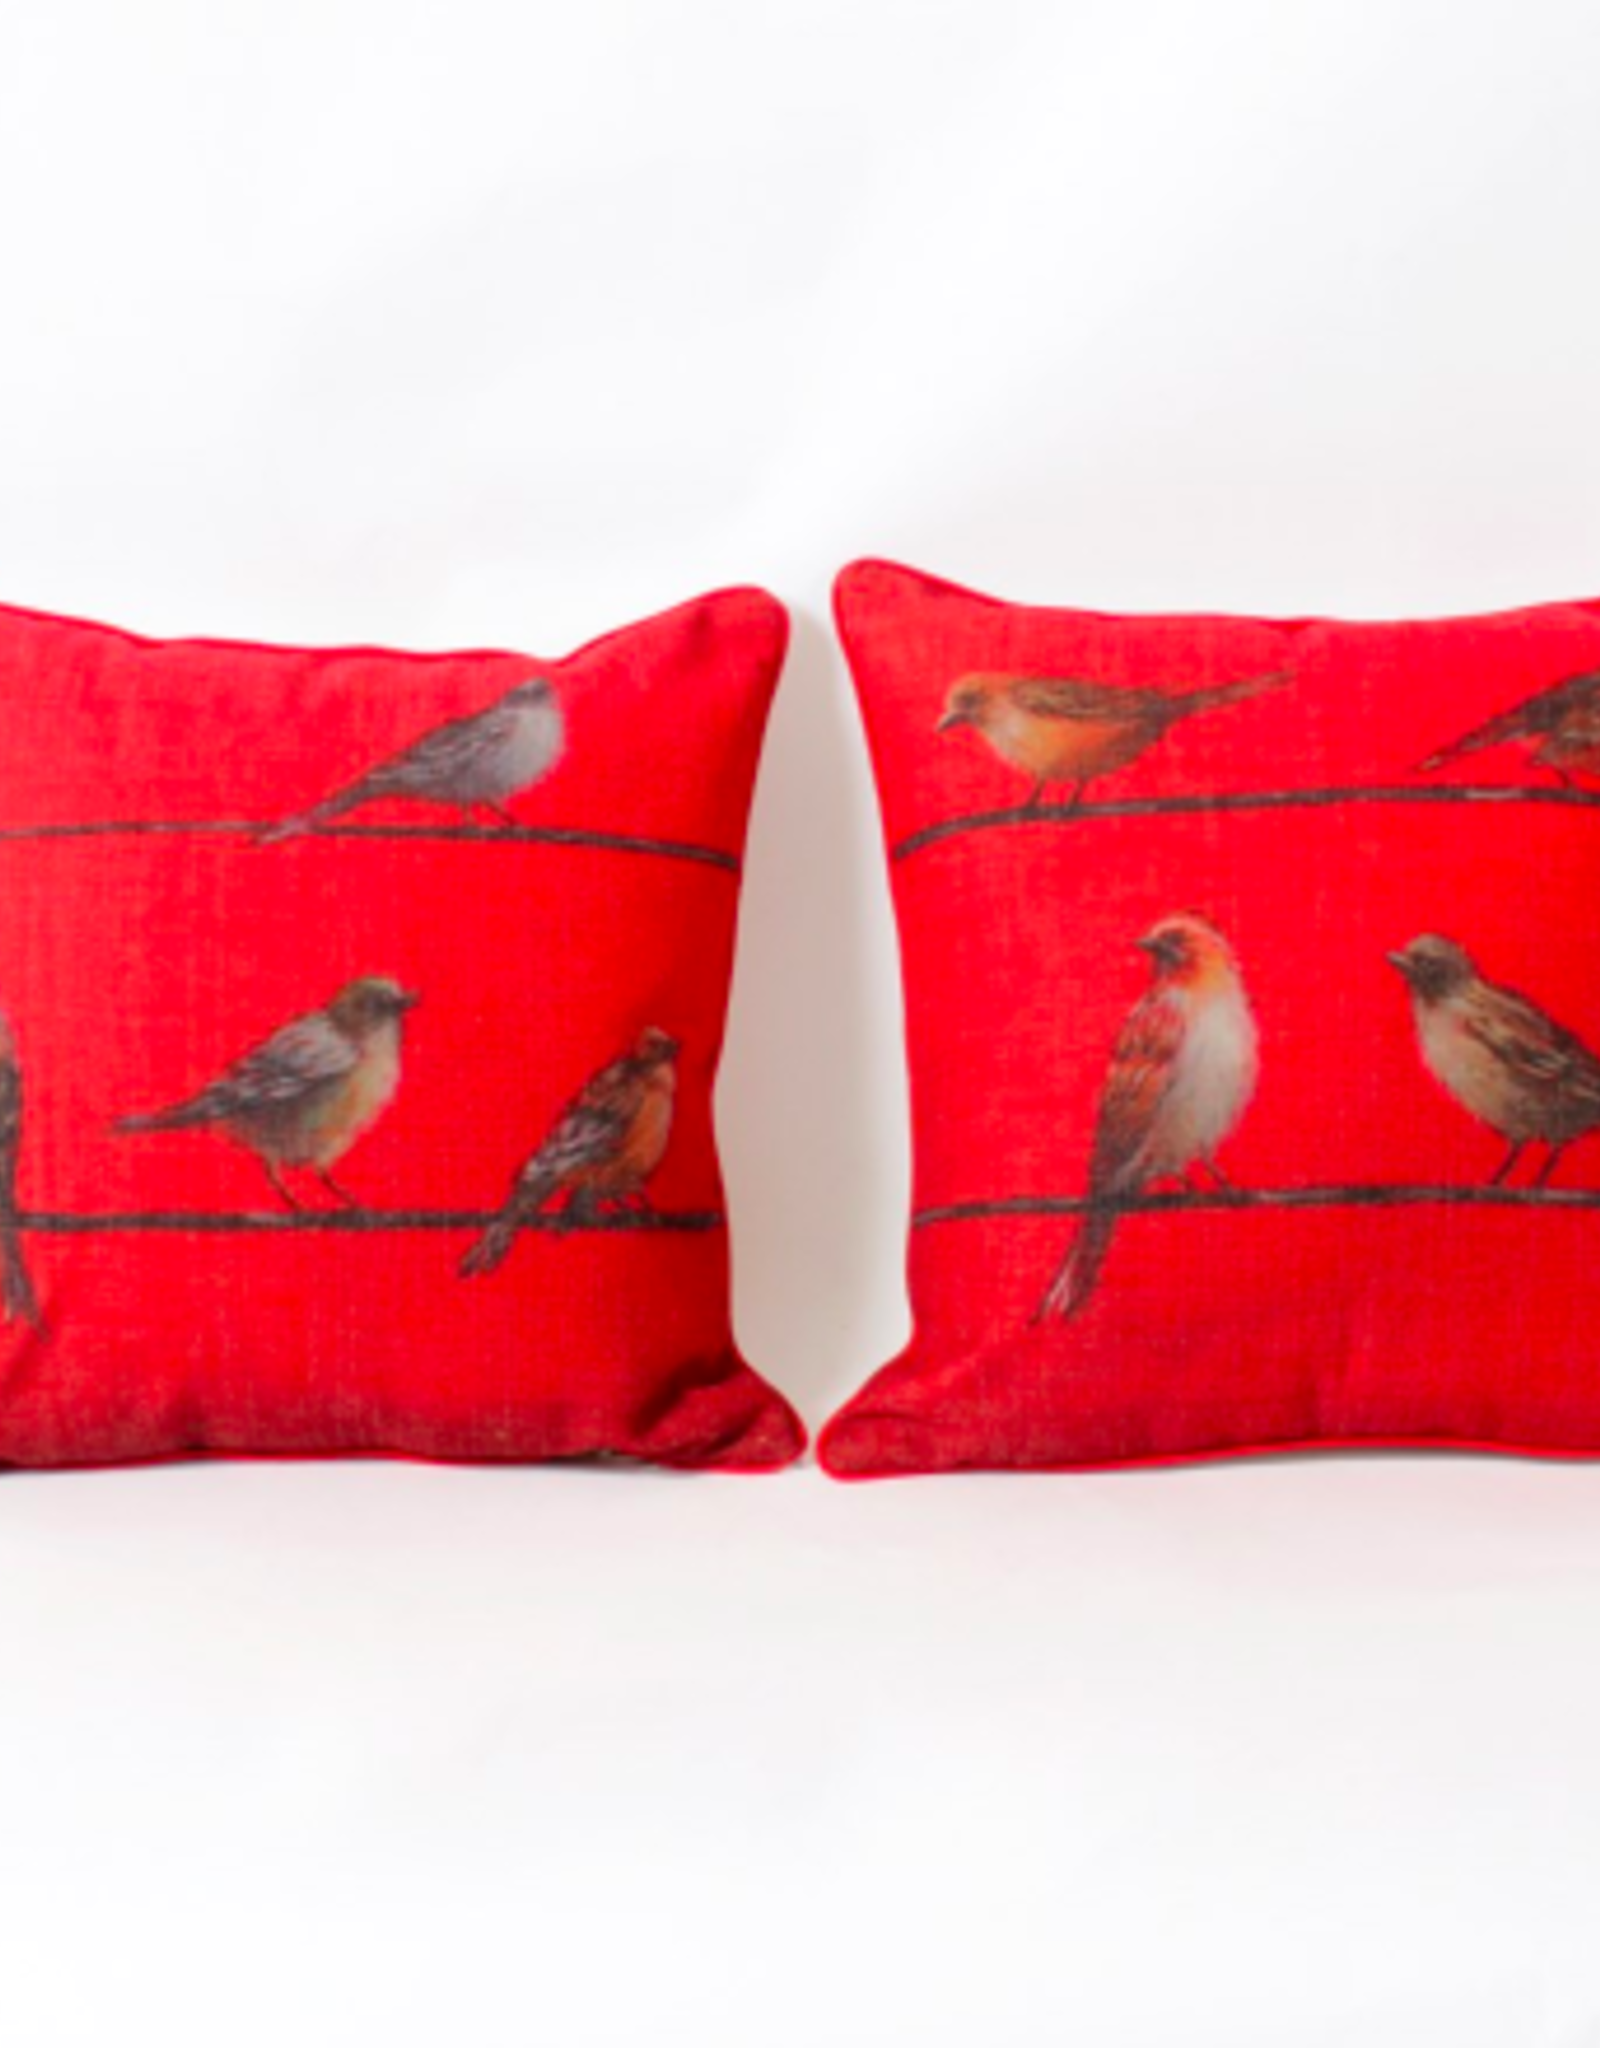 Cushions CJ Birds in Red Wall